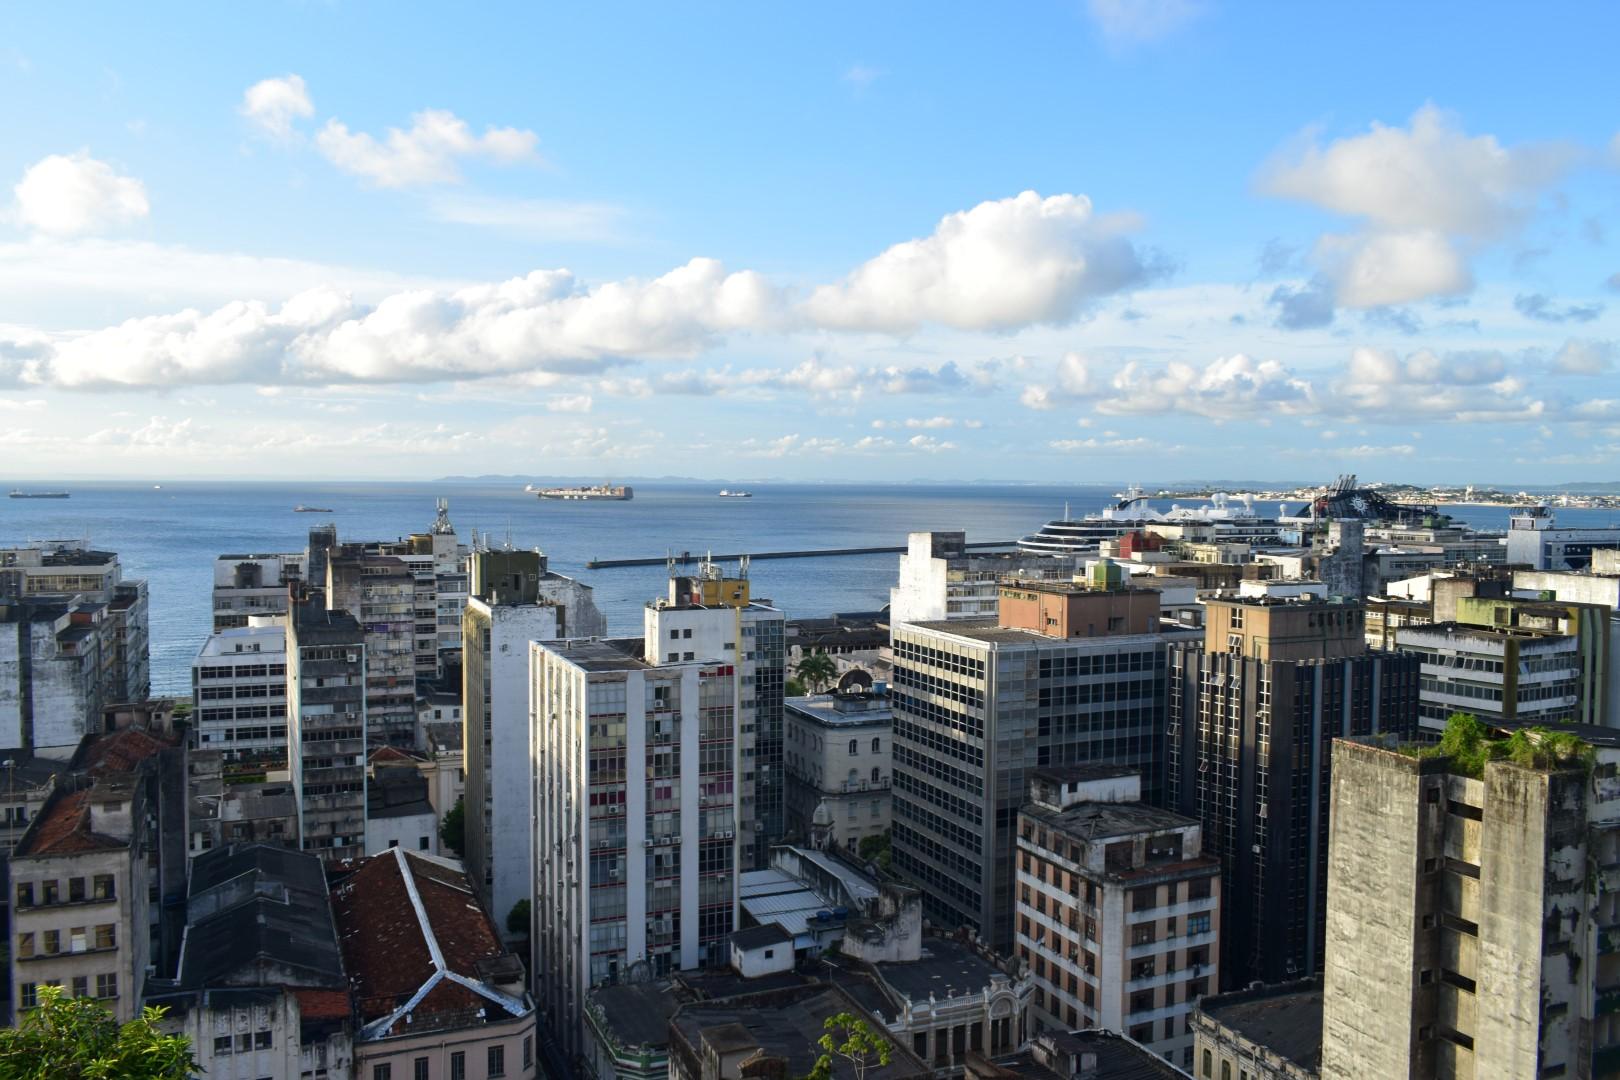 Cidade Baixa from Praça Tomé de Souza, Centro, Salvador